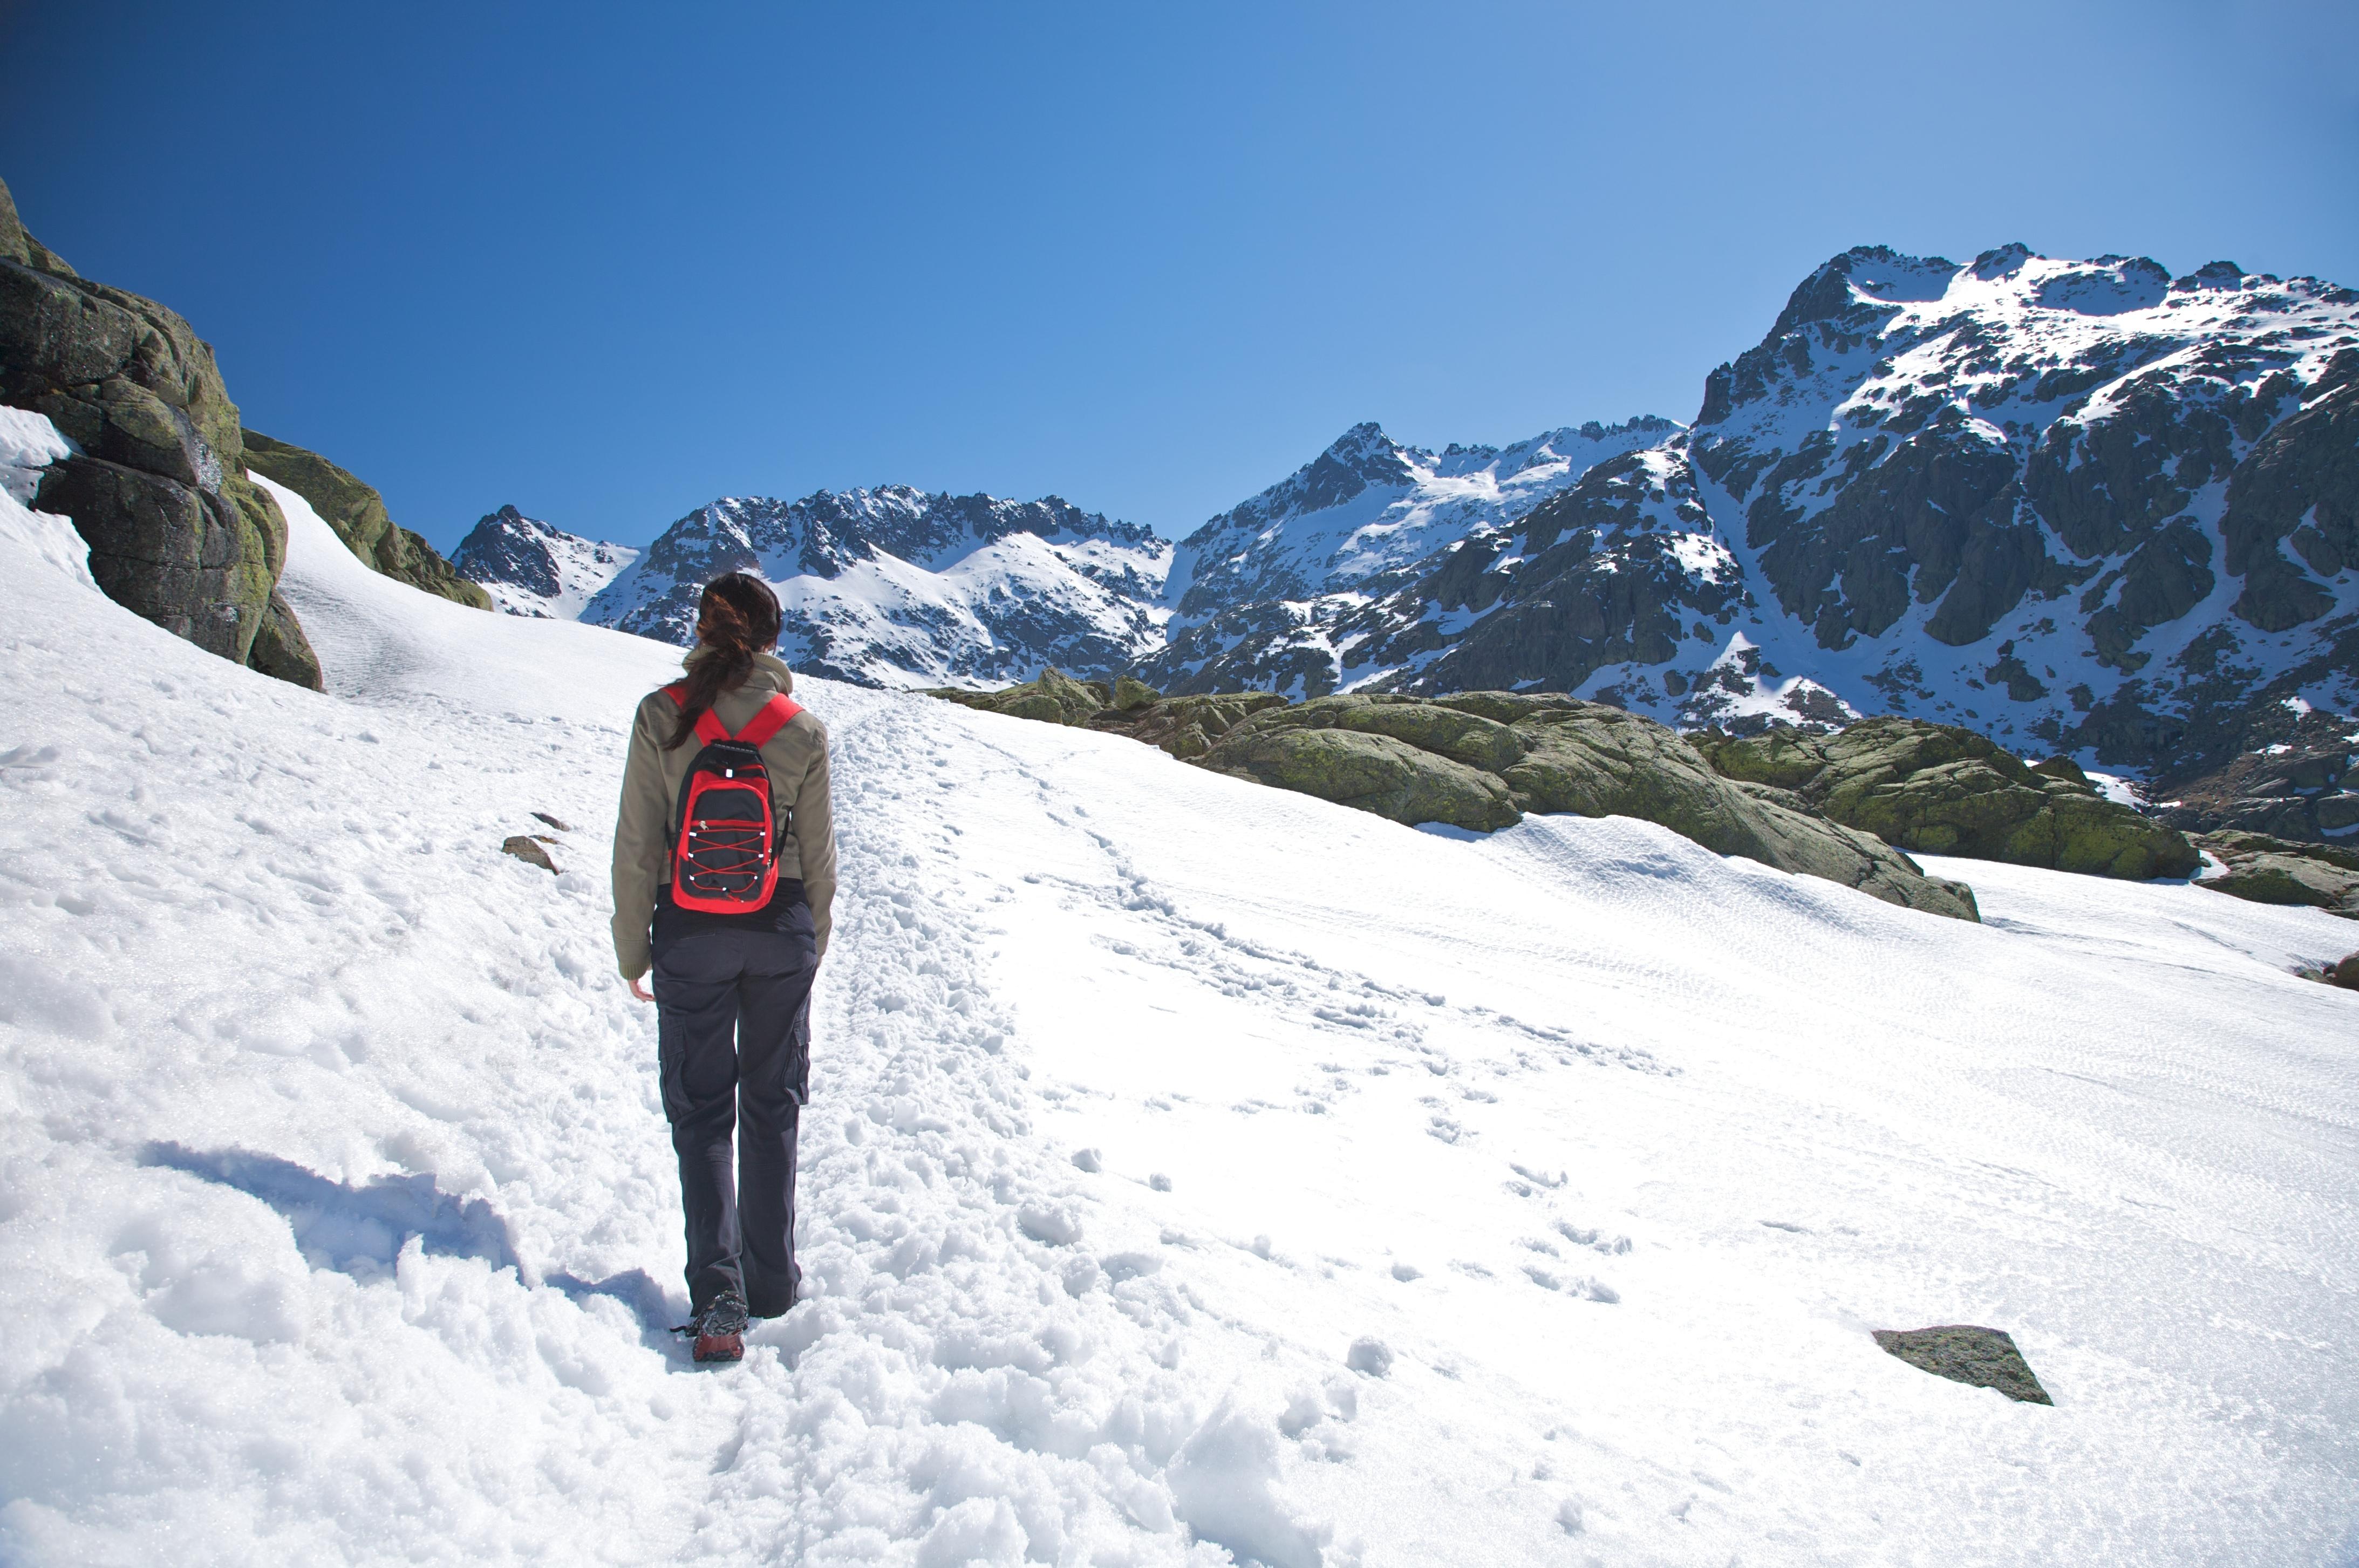 a9b9505e71 Los mejores lugares para disfrutar de la nieve en España | Skyscanner -  Noticias